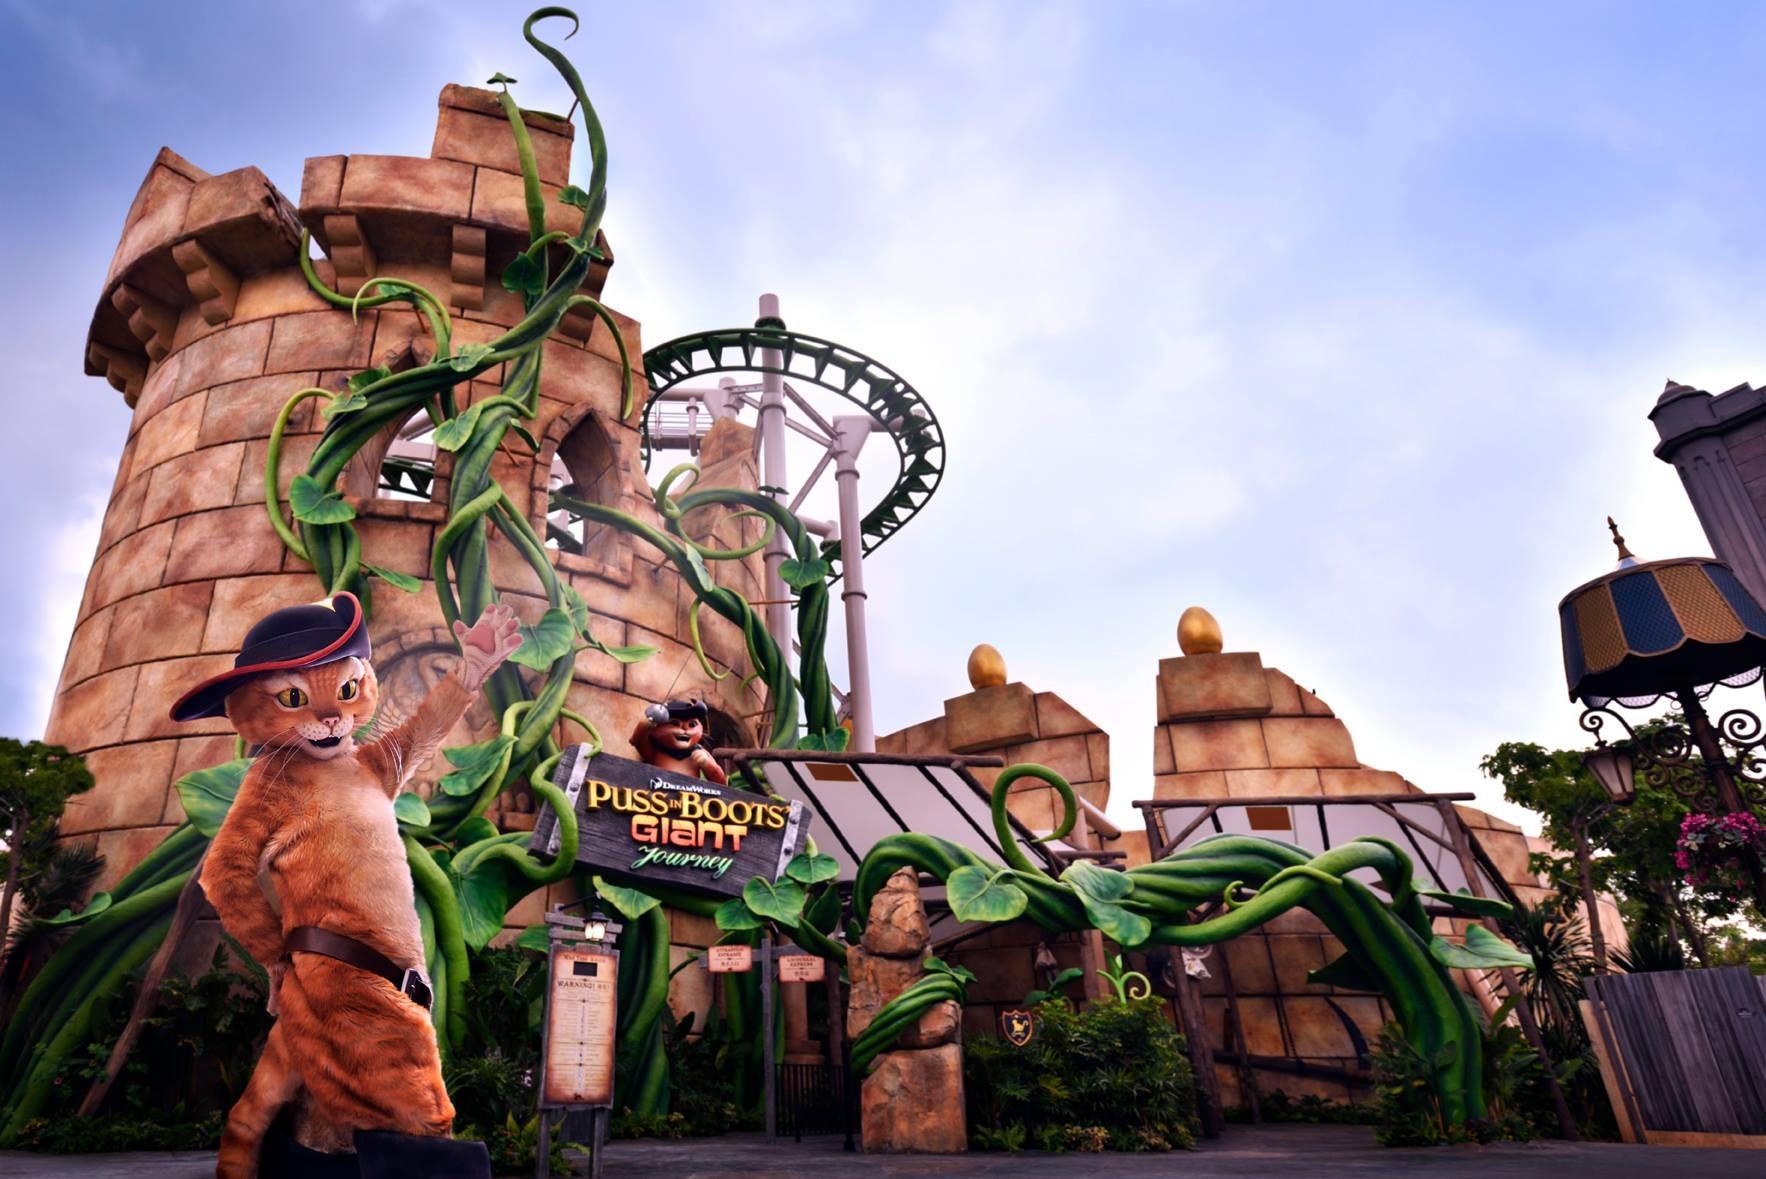 新加坡環球影城「鞋貓劍客歷險記」主題懸吊飛車啟用  ETtoday旅遊雲  ETtoday新聞雲